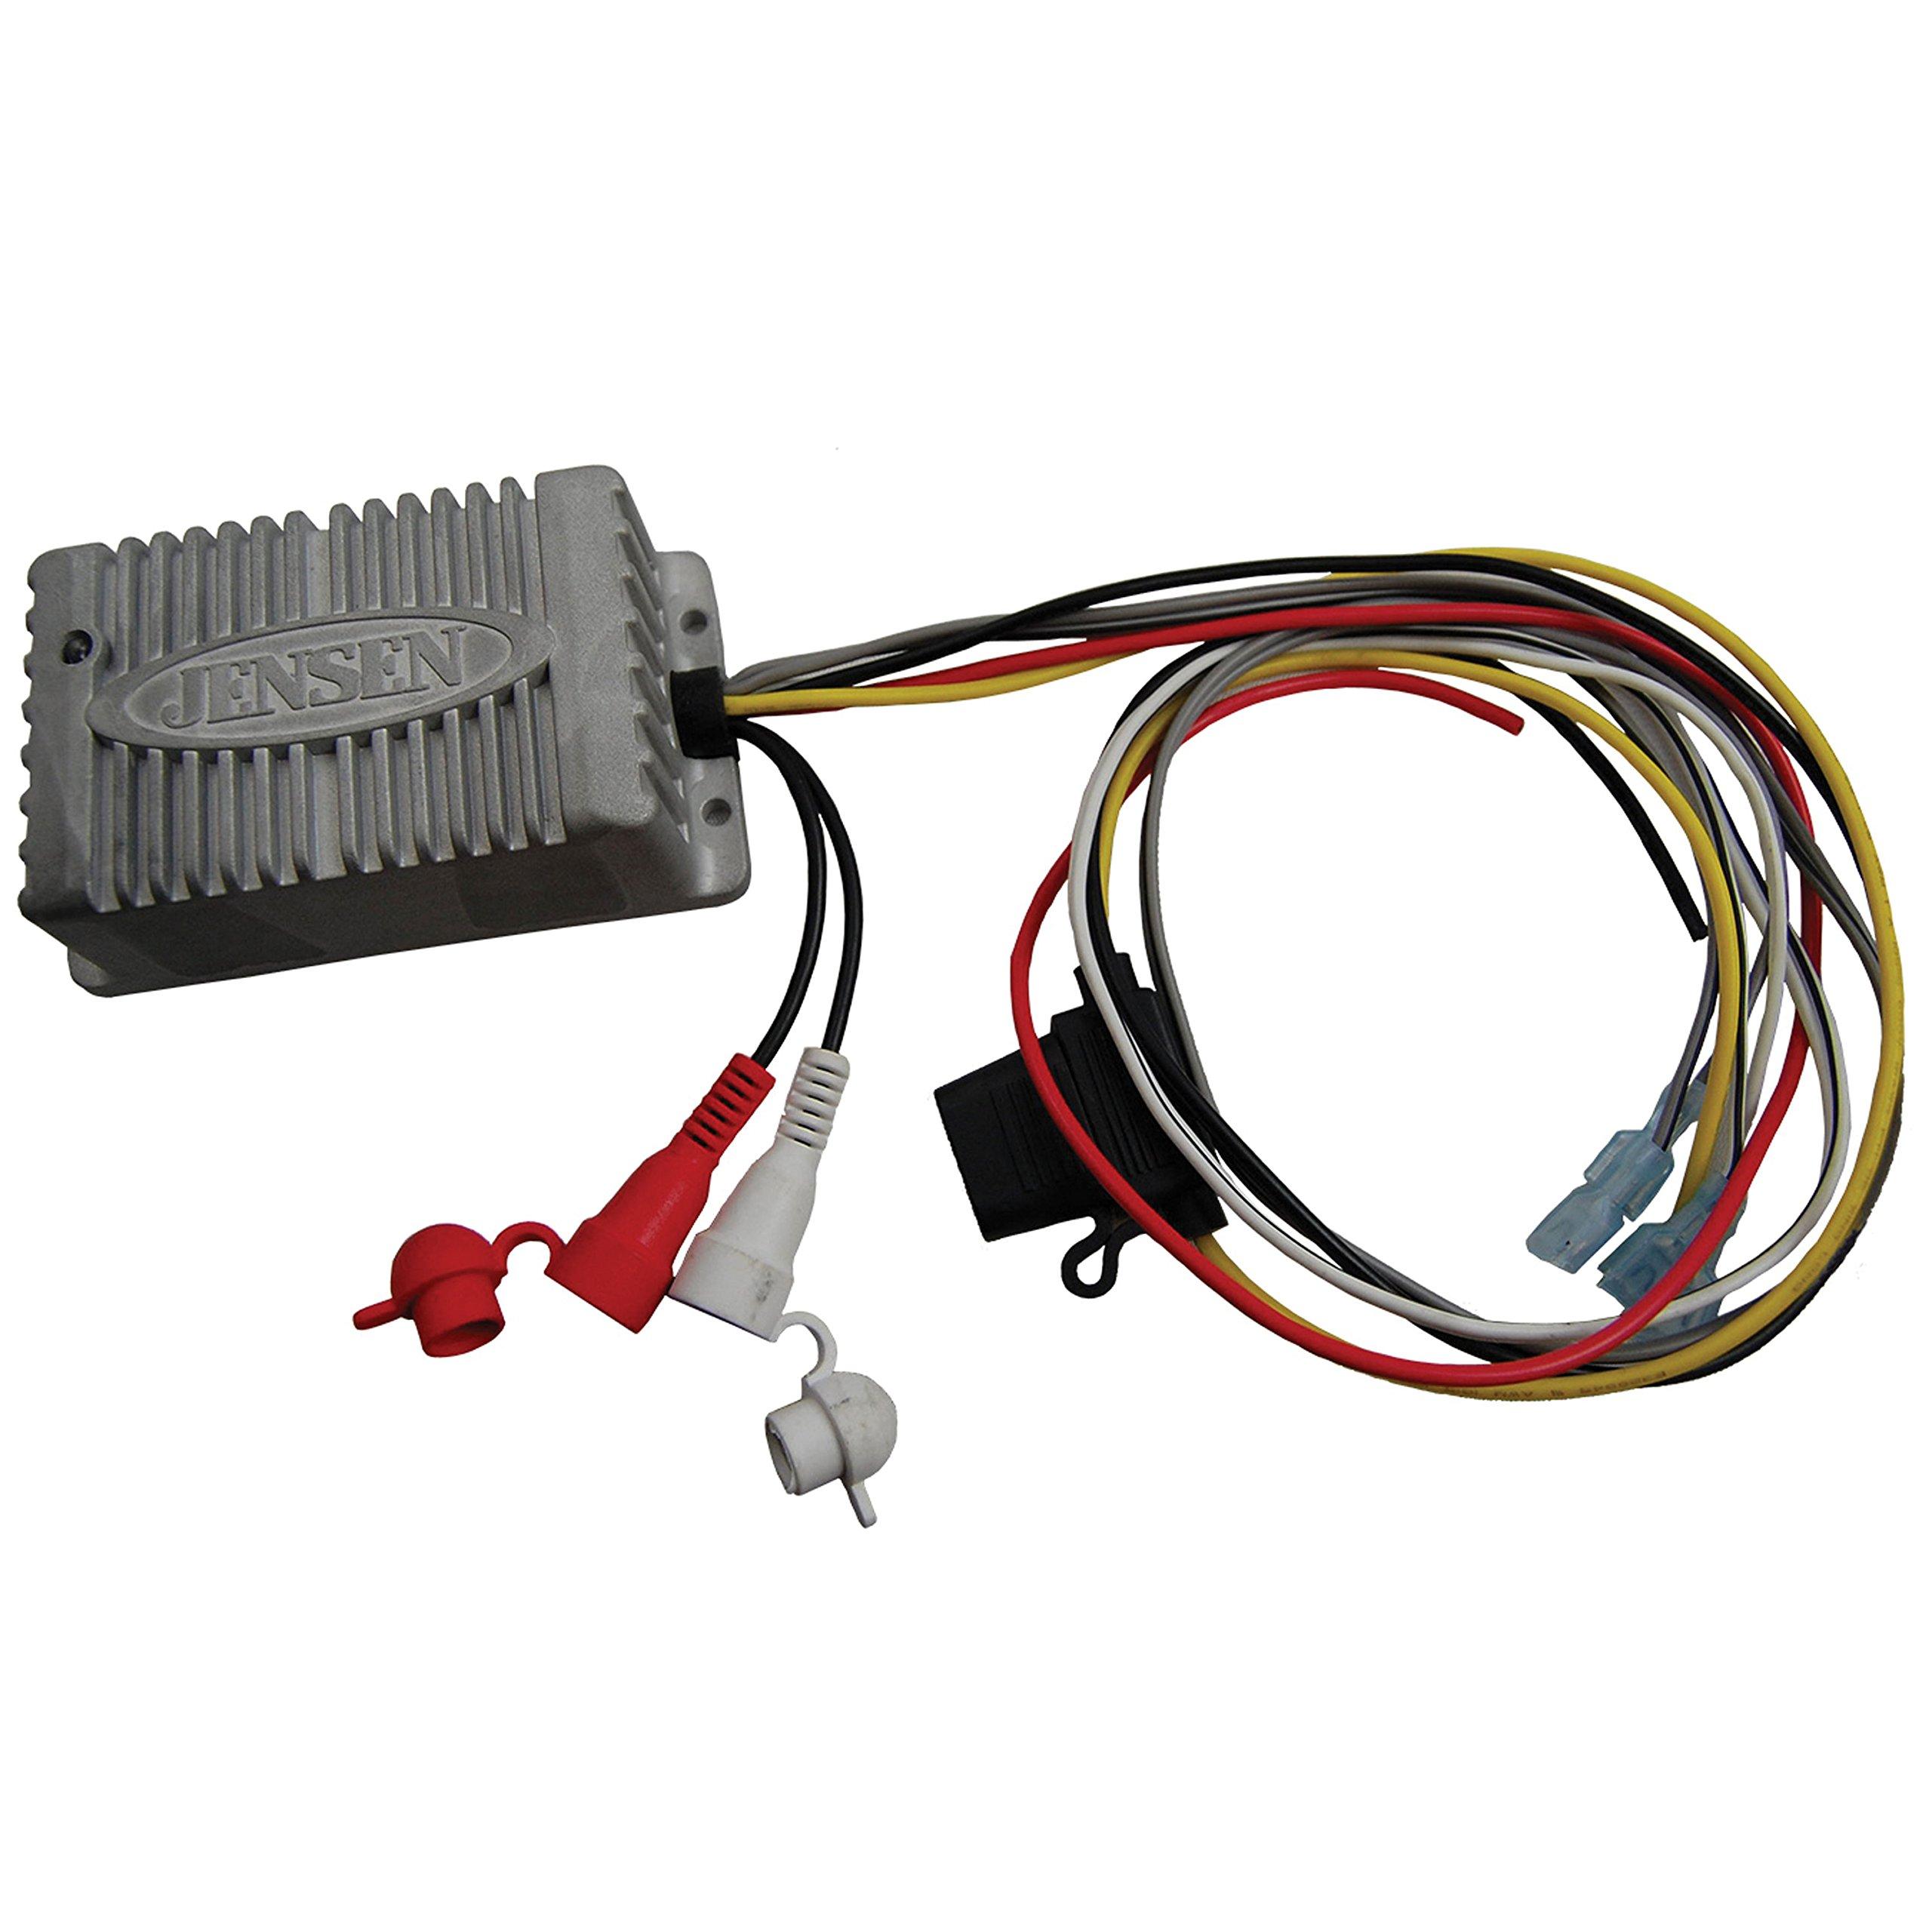 JENSEN JAHD240BT Two-Channel Bluetooth Amplifier